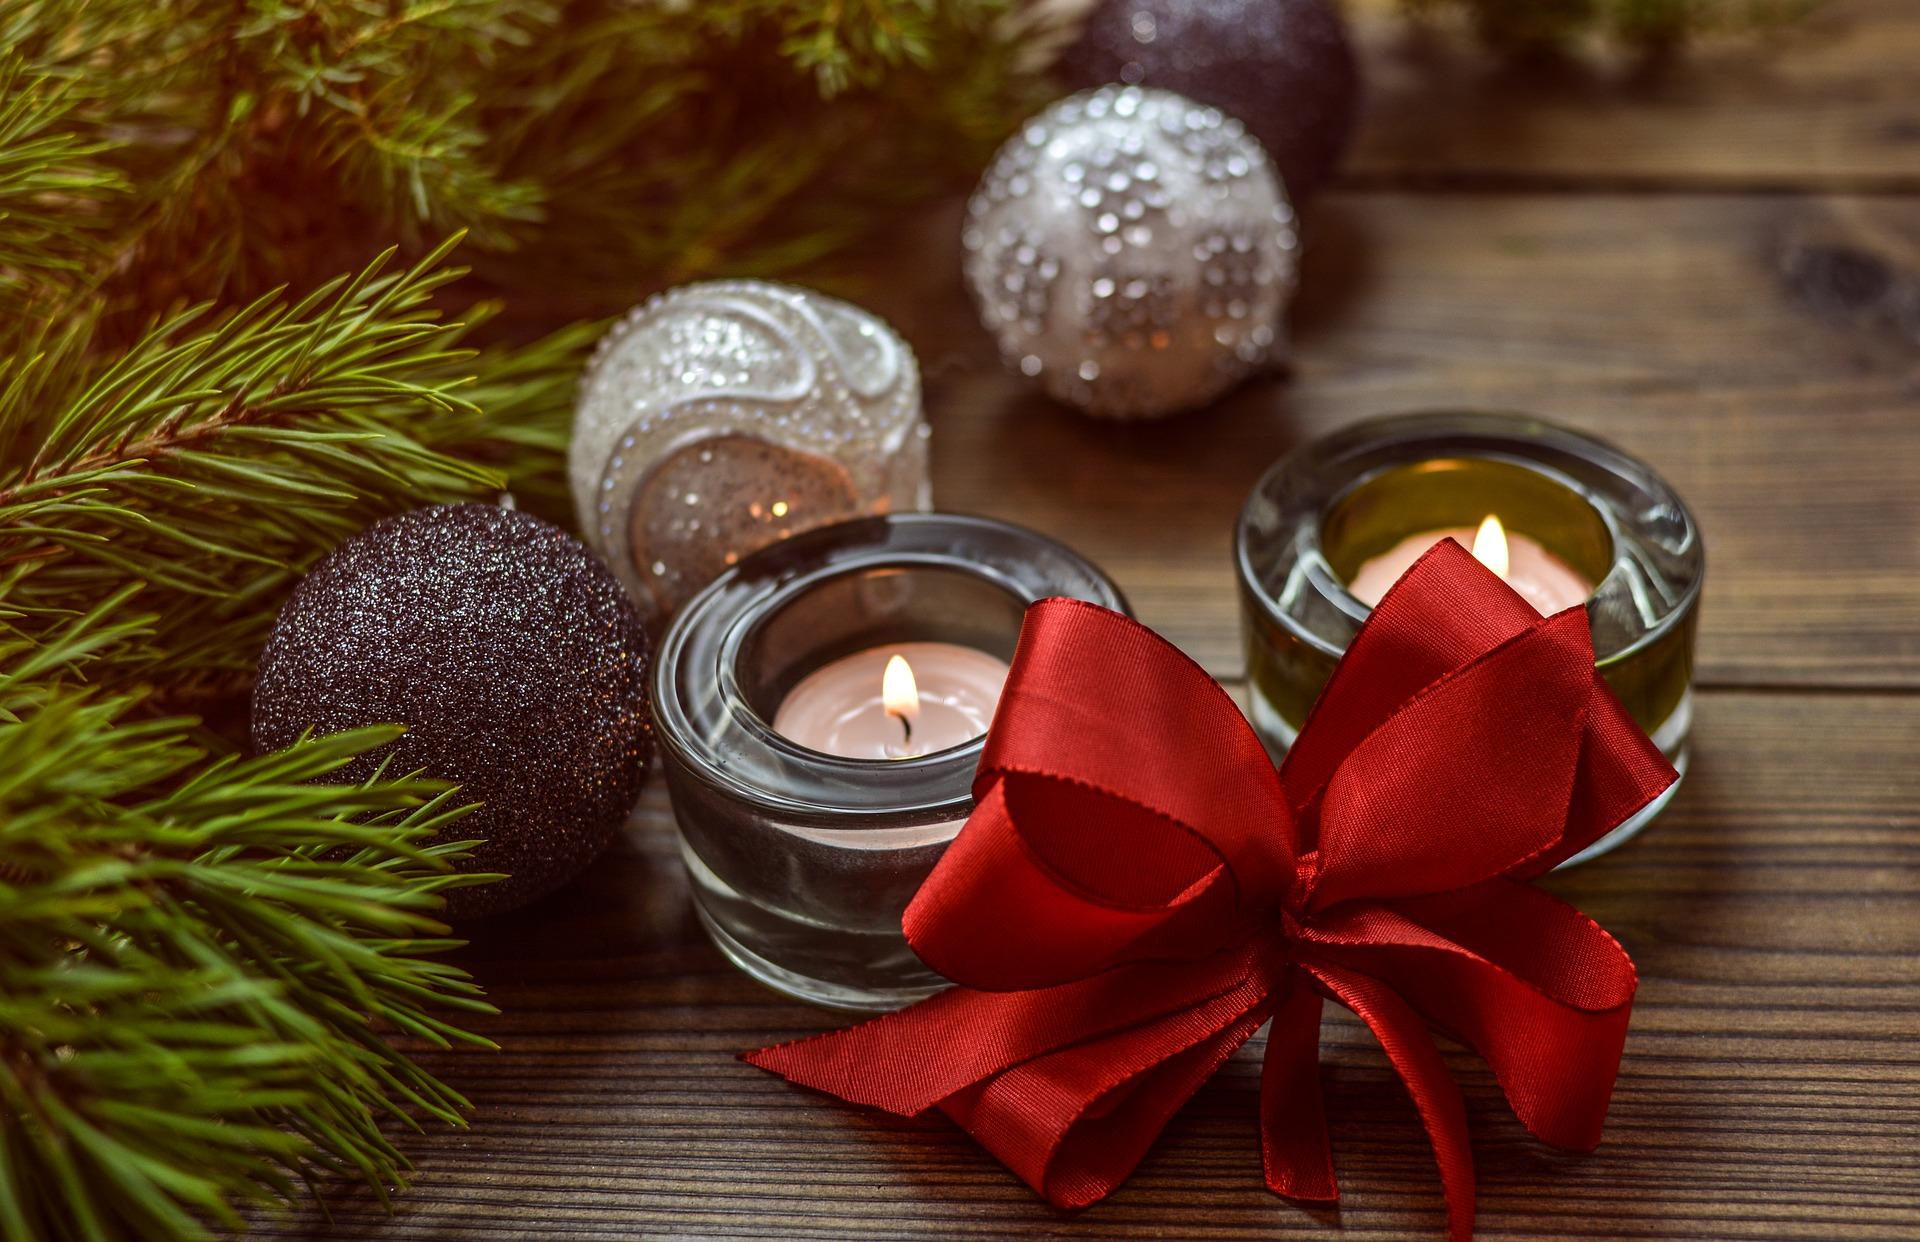 ▲ 用各種聖誕裝飾品來營造應景氣氛吧!